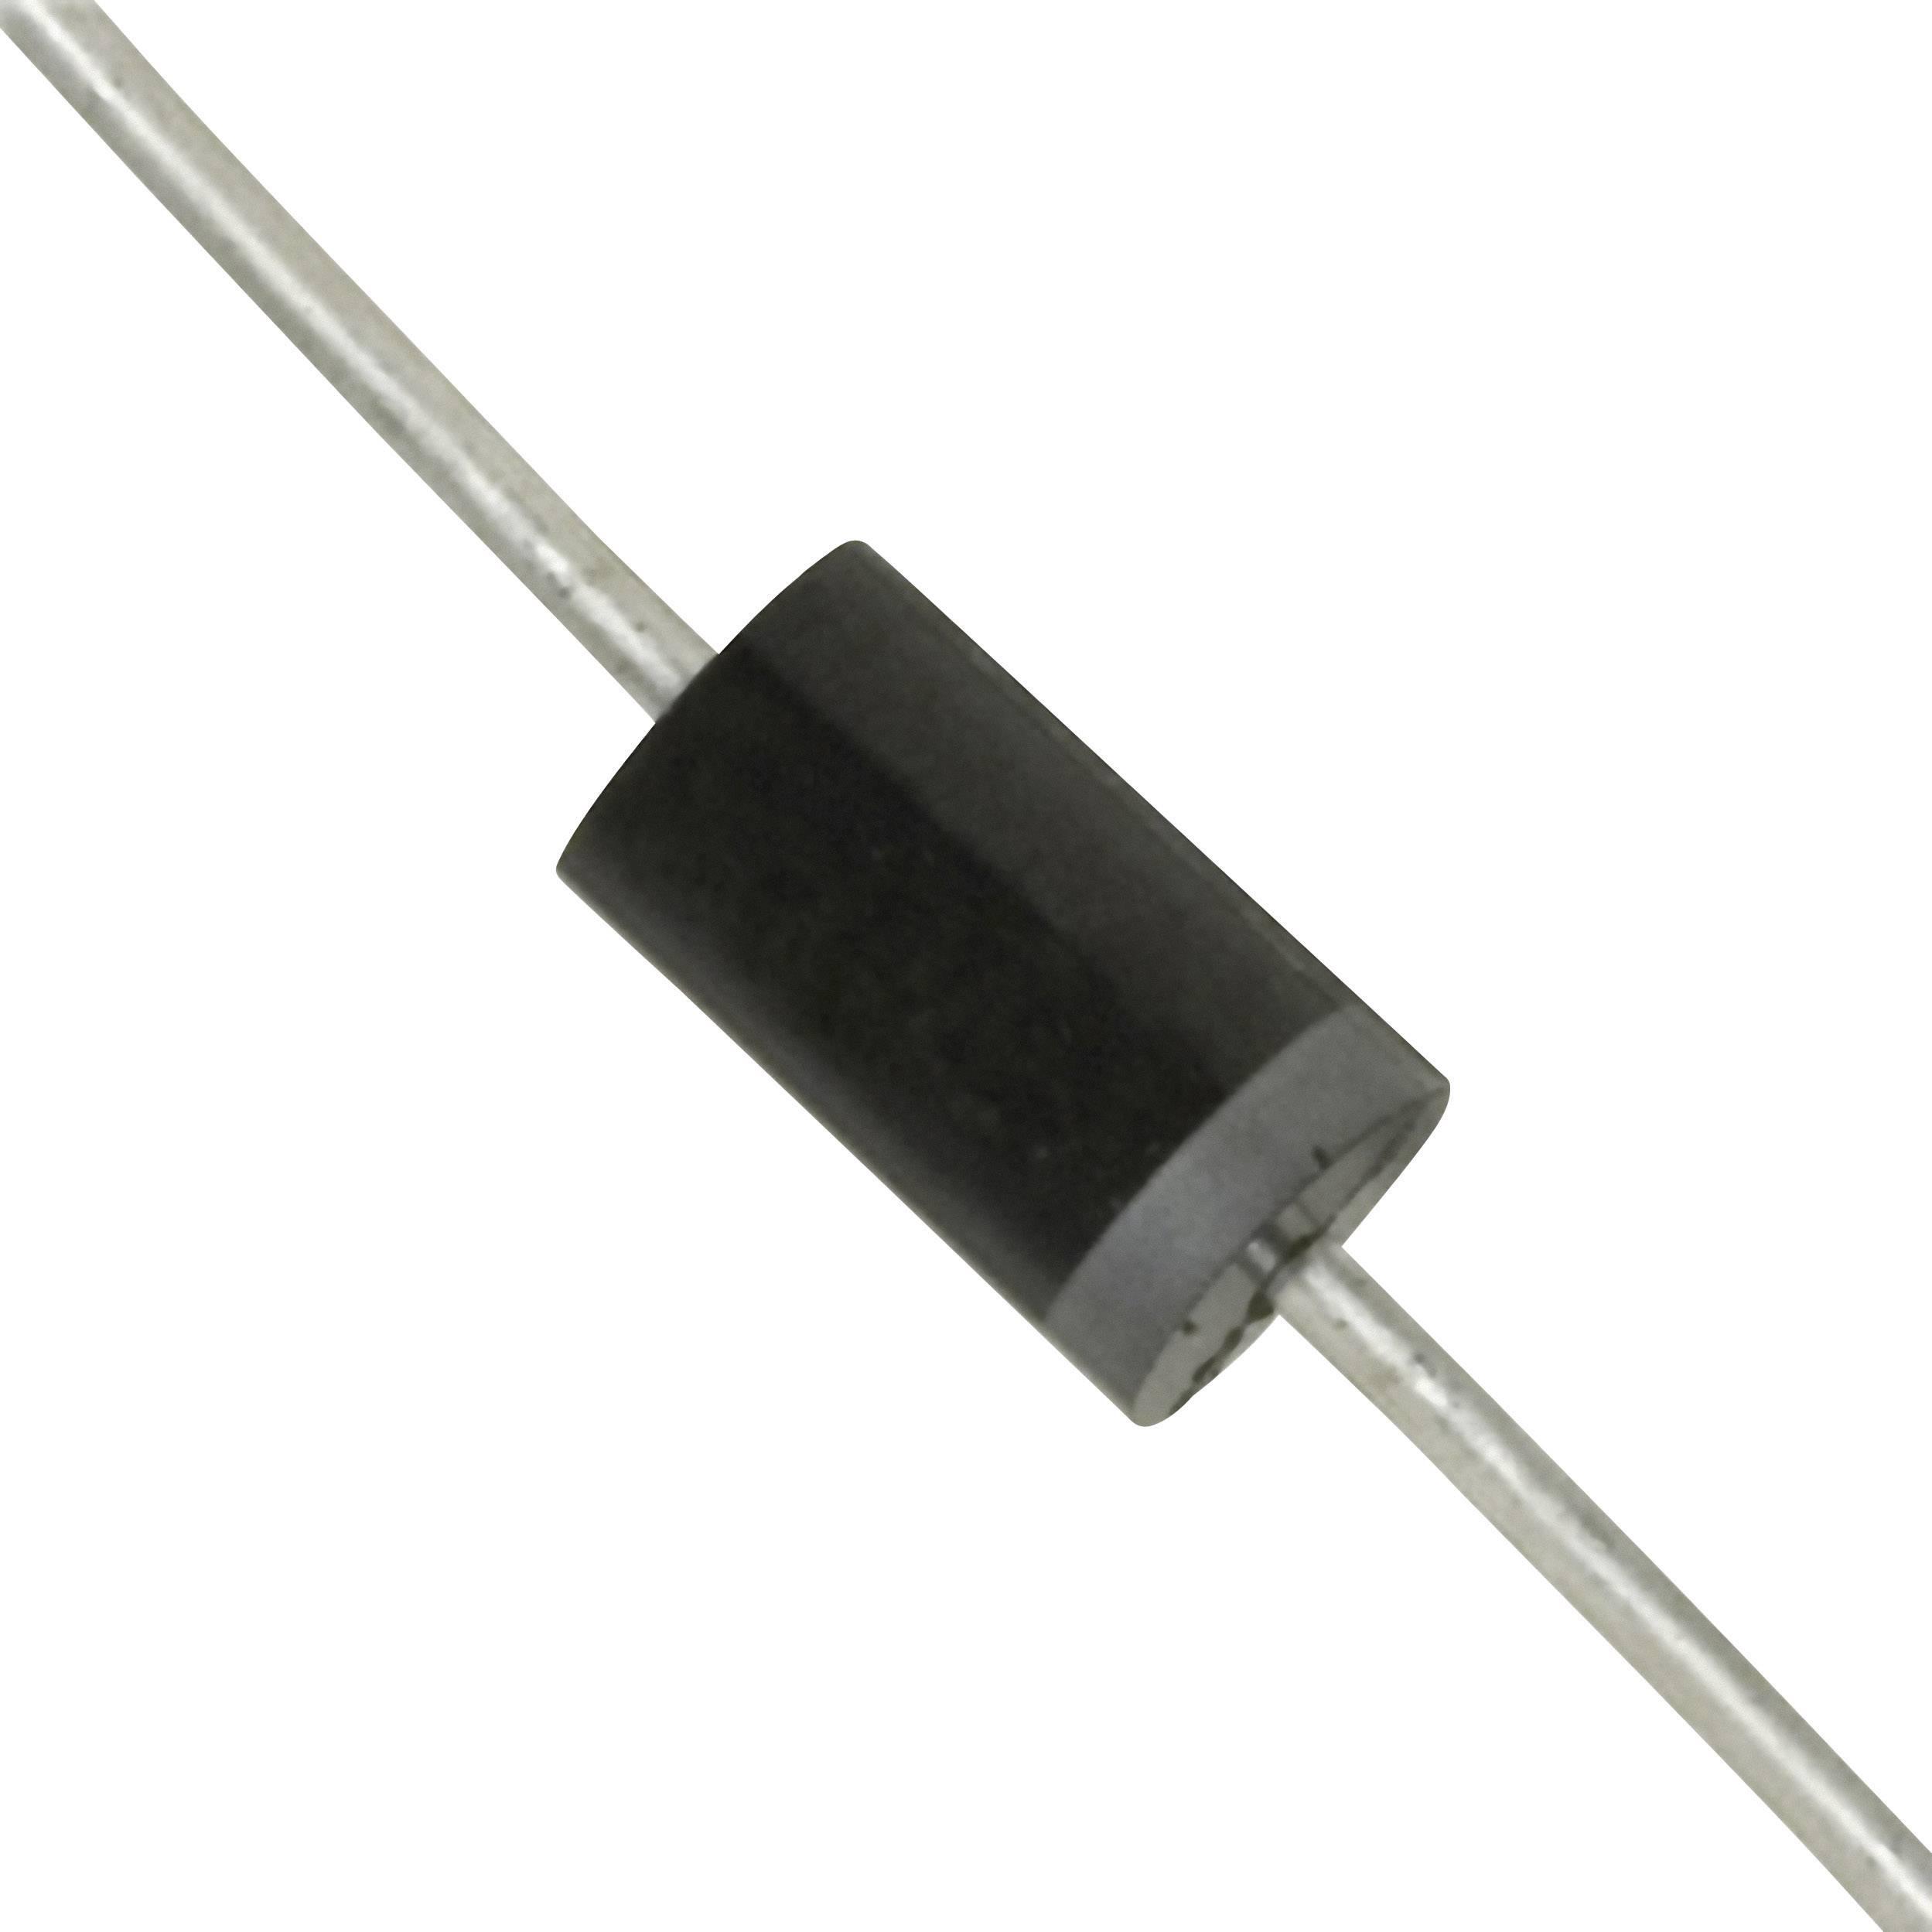 Zenerova dioda Diotec 1N5346, U(zen) 9.1 V